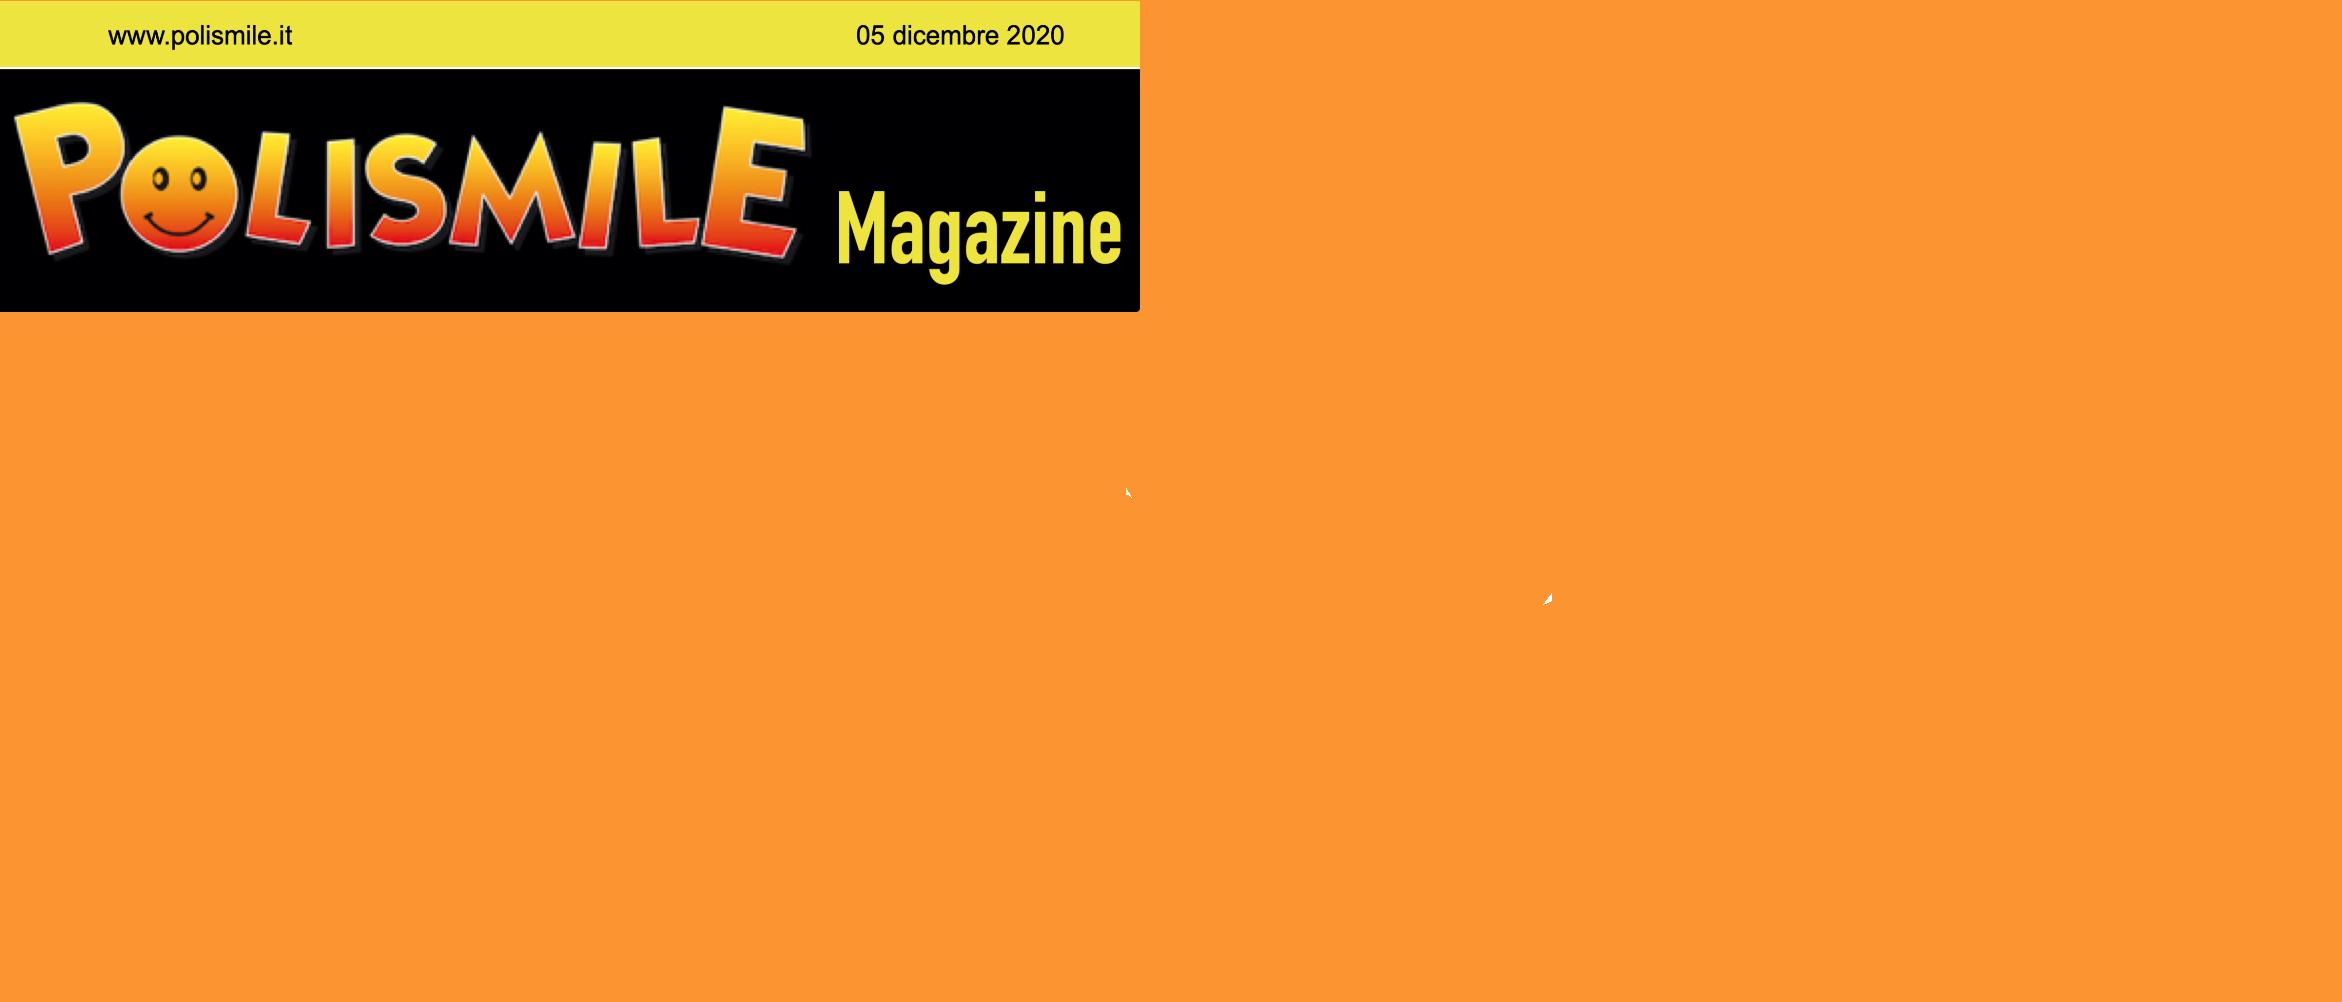 Polismile Magazine: Il numero di gennaio è online!